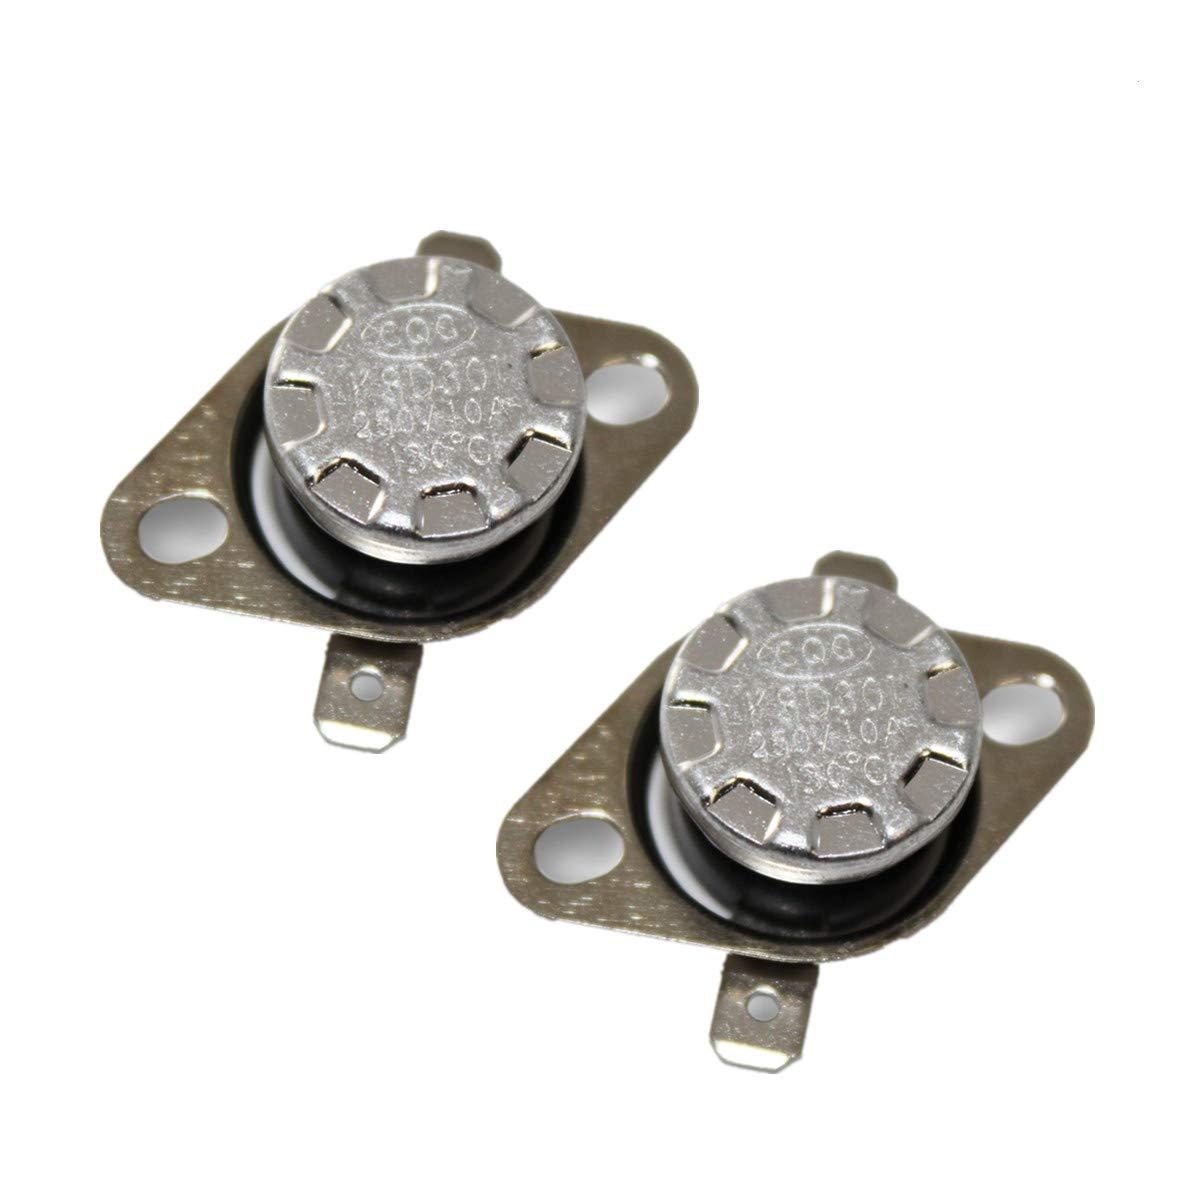 2pcs KSD301 NO 0°C 10A 250V Thermostat Temperature Switch Bimetal Disc N.O.